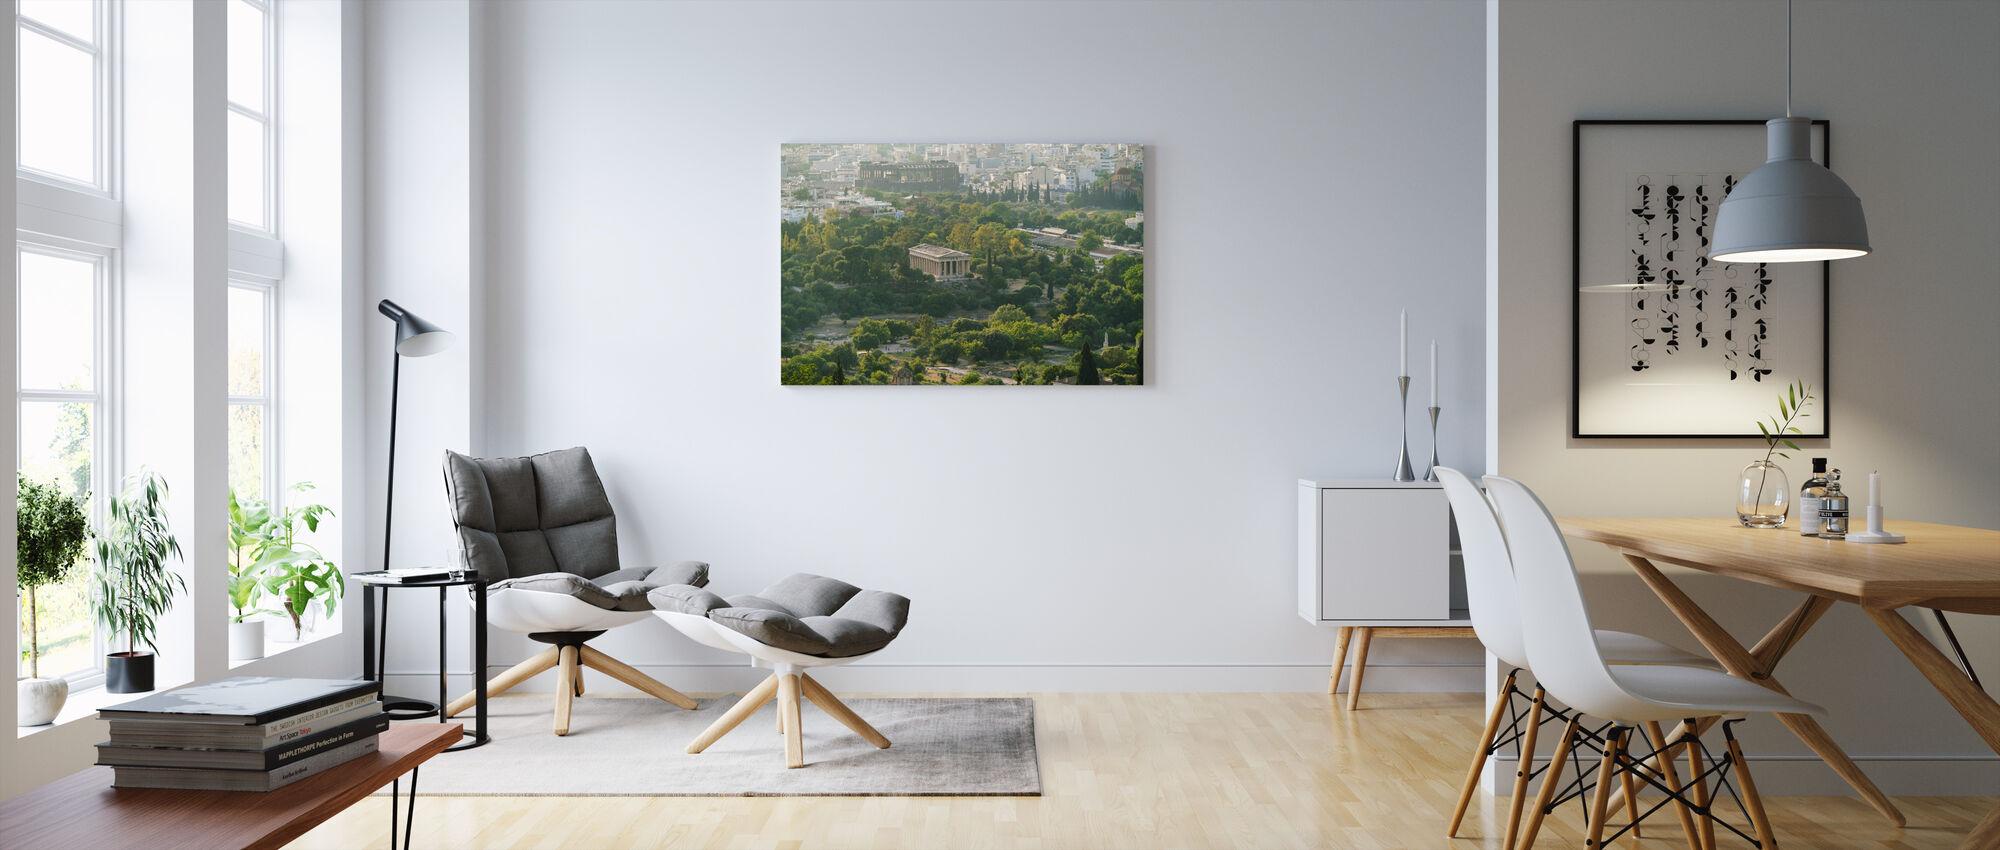 Ateenan kaupunkikuva - Canvastaulu - Olohuone